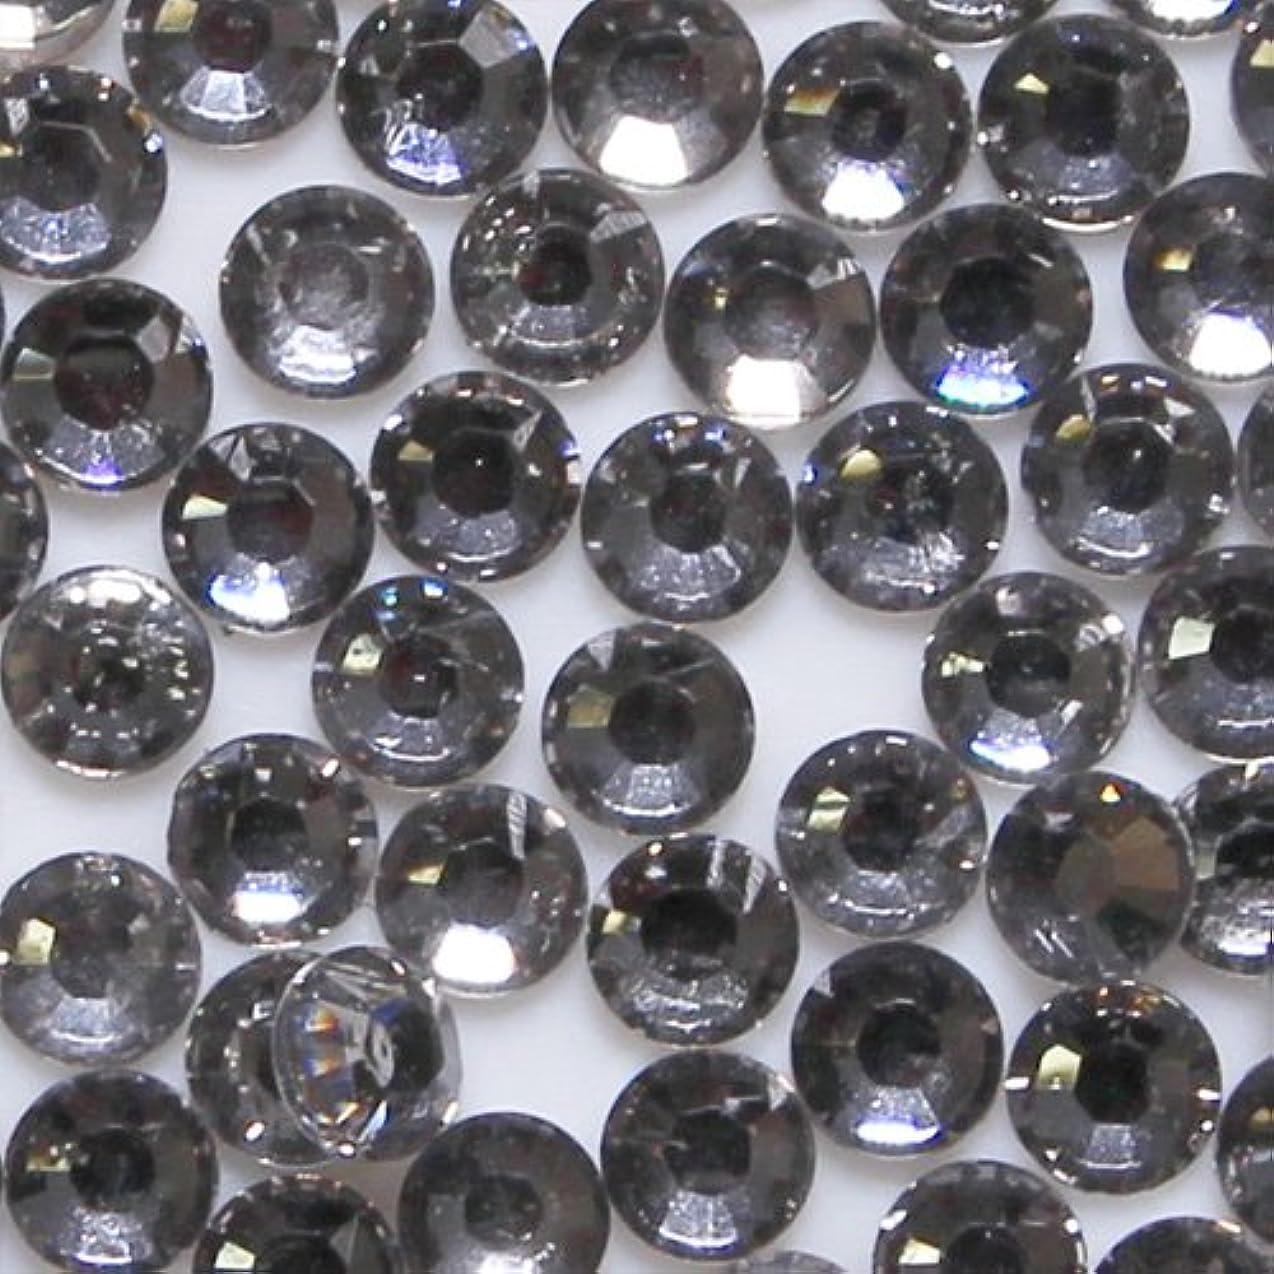 組み込む放つこどもの日高品質 アクリルストーン ラインストーン ラウンドフラット 約1000粒入り 3mm ブラックダイヤモンド